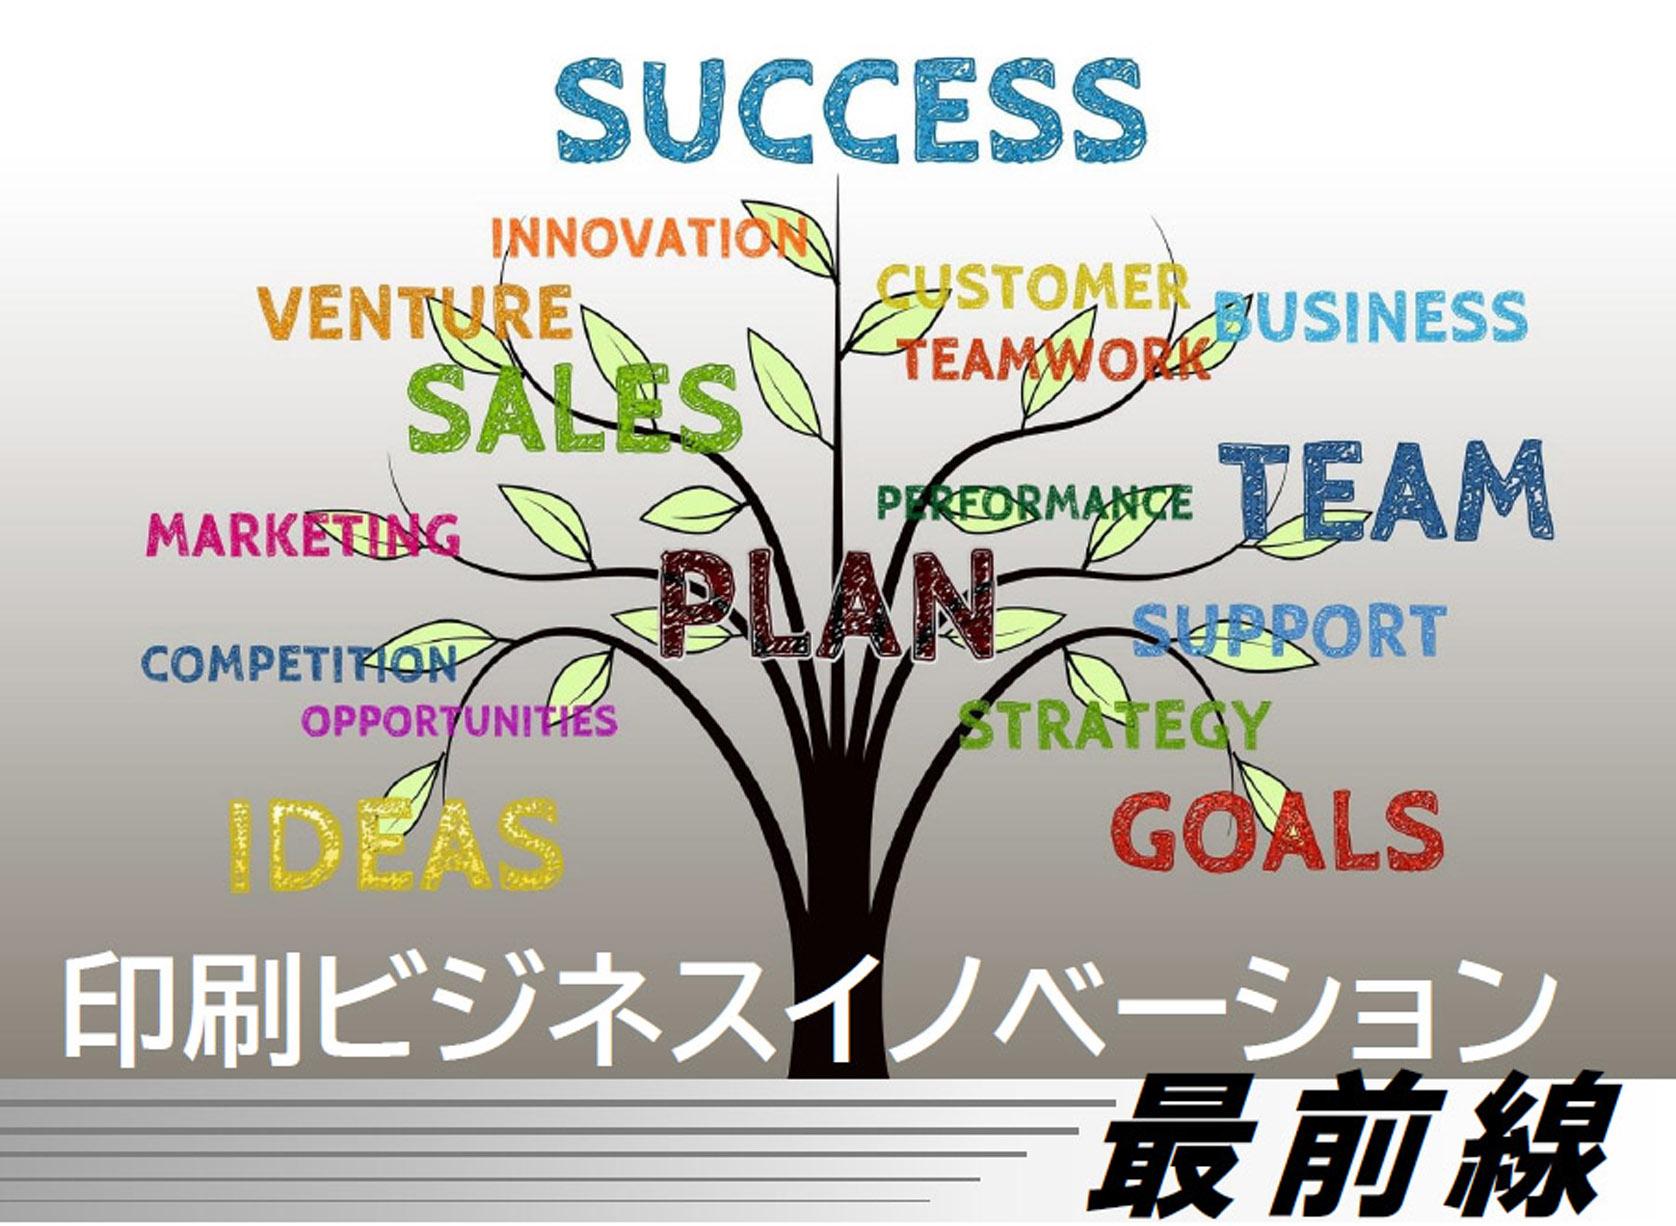 印刷ビジネスイノベーション